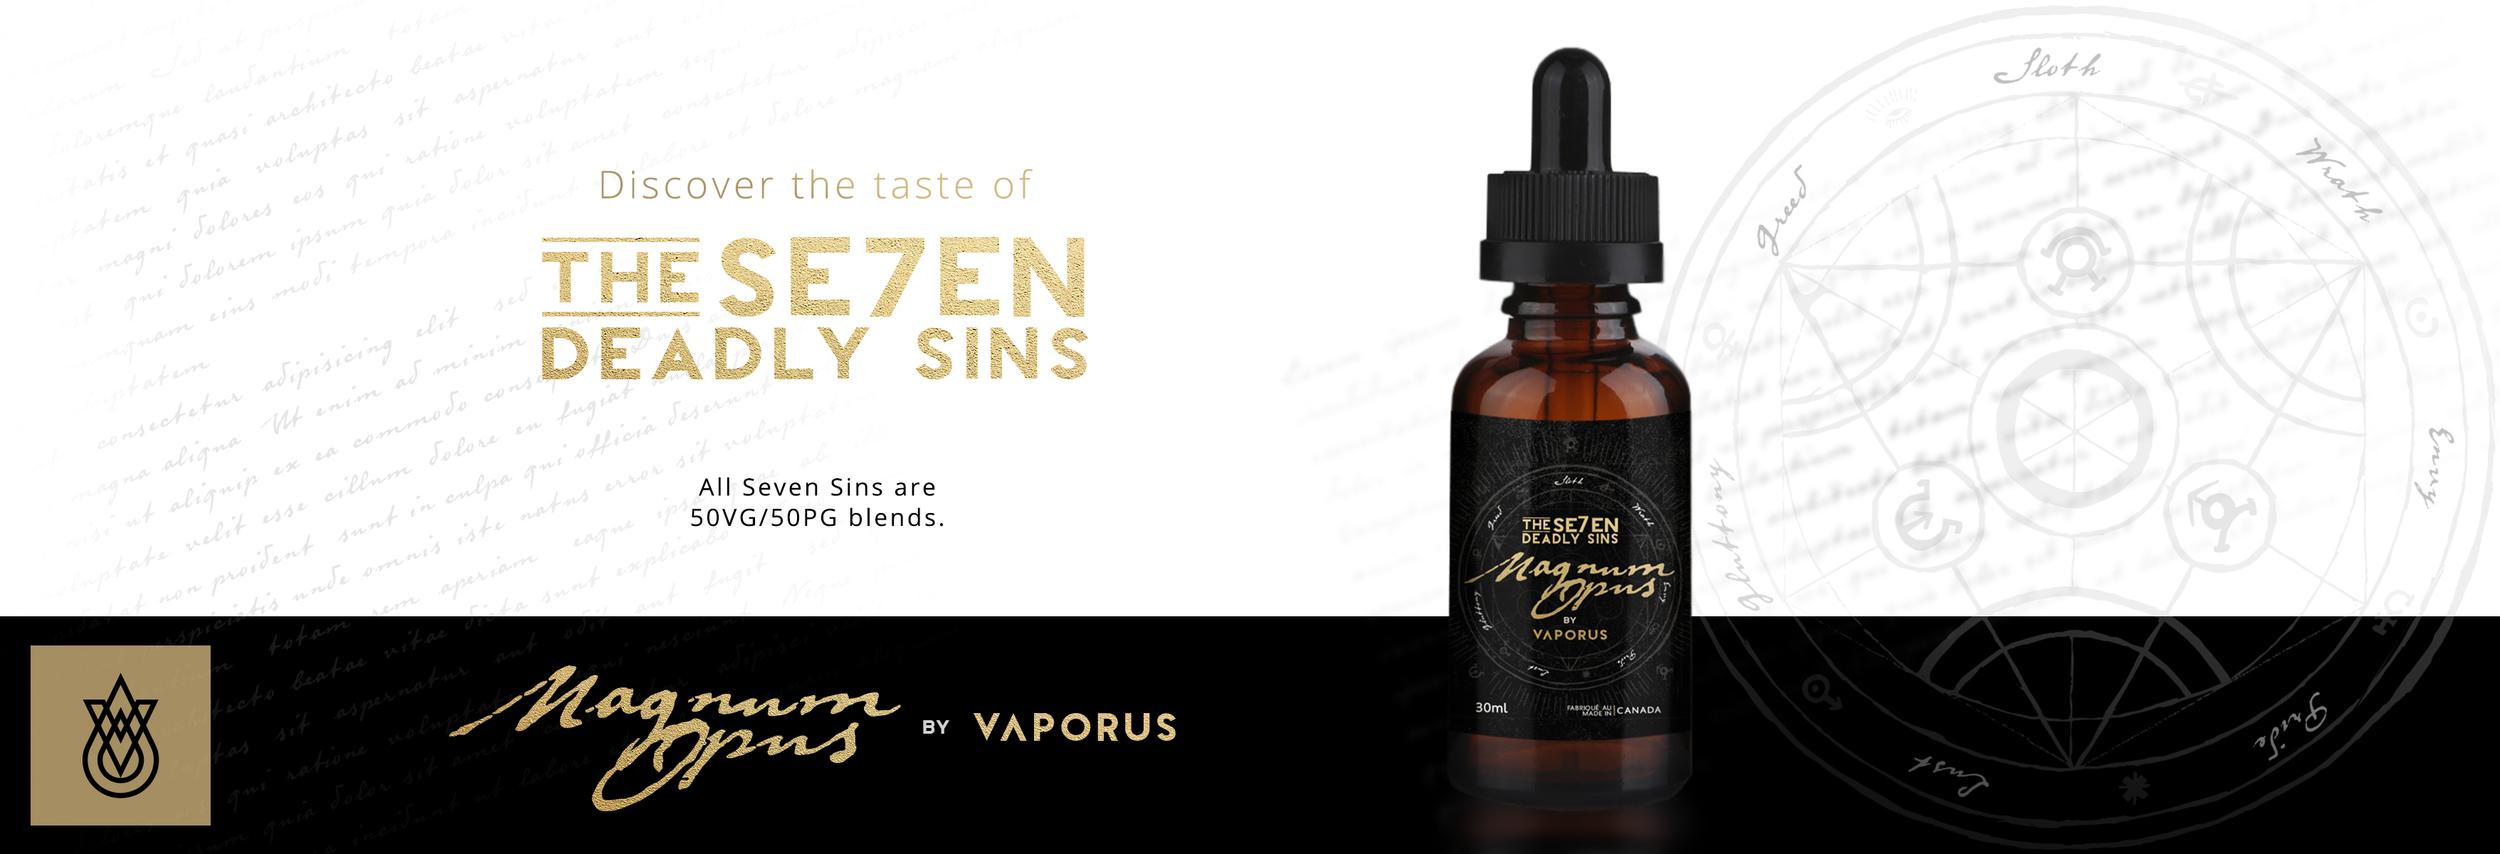 Vaporus+-+Magnum+Opus+Label+-+Web+(3)